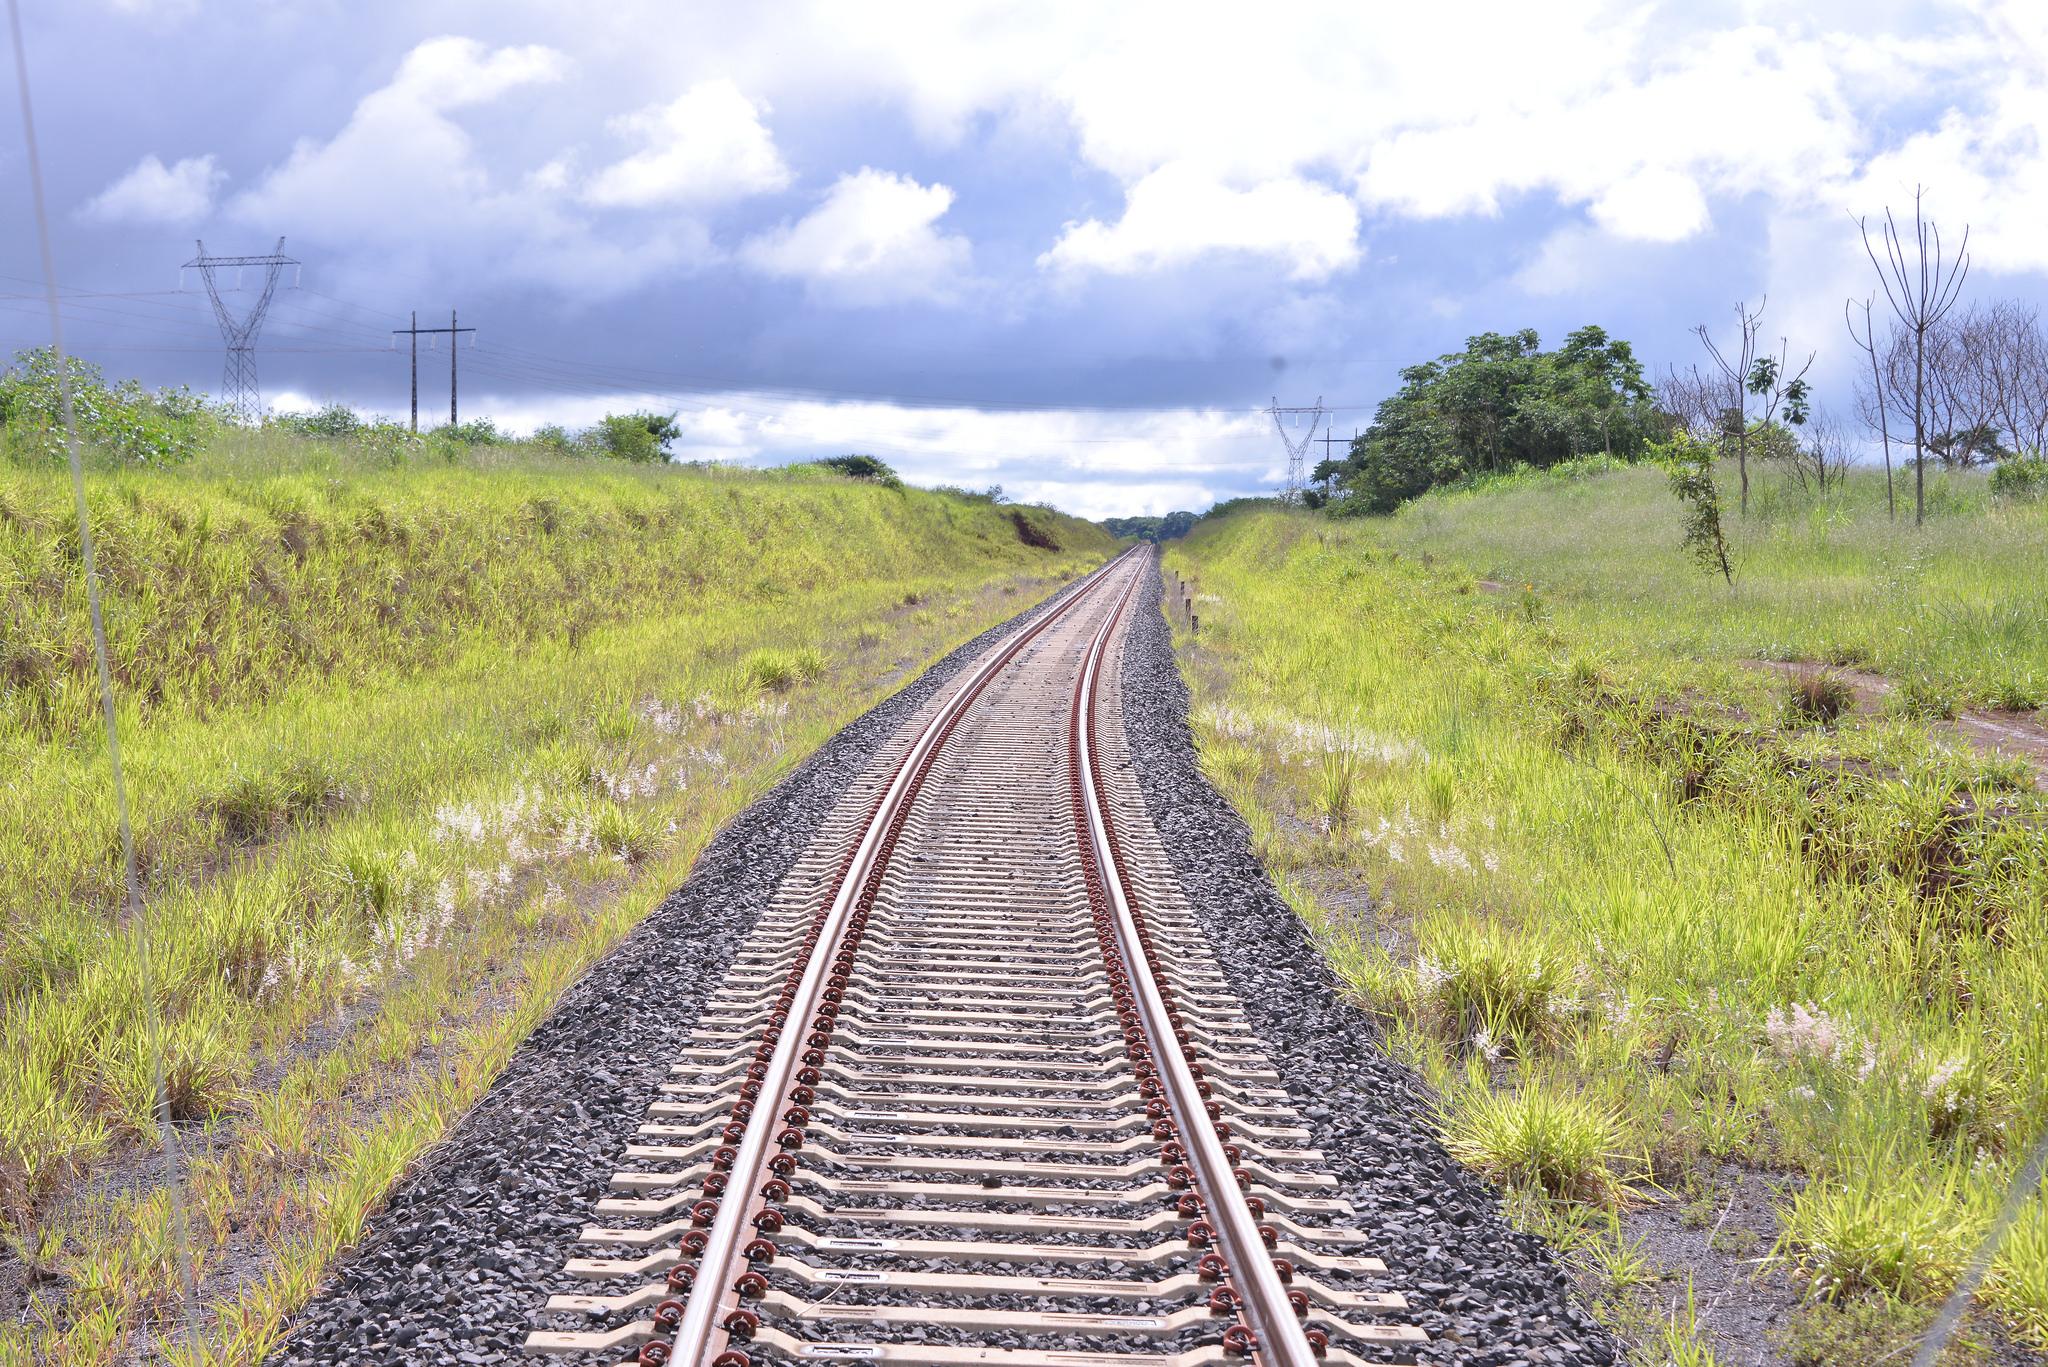 Análise: Muita retórica, pouco trem